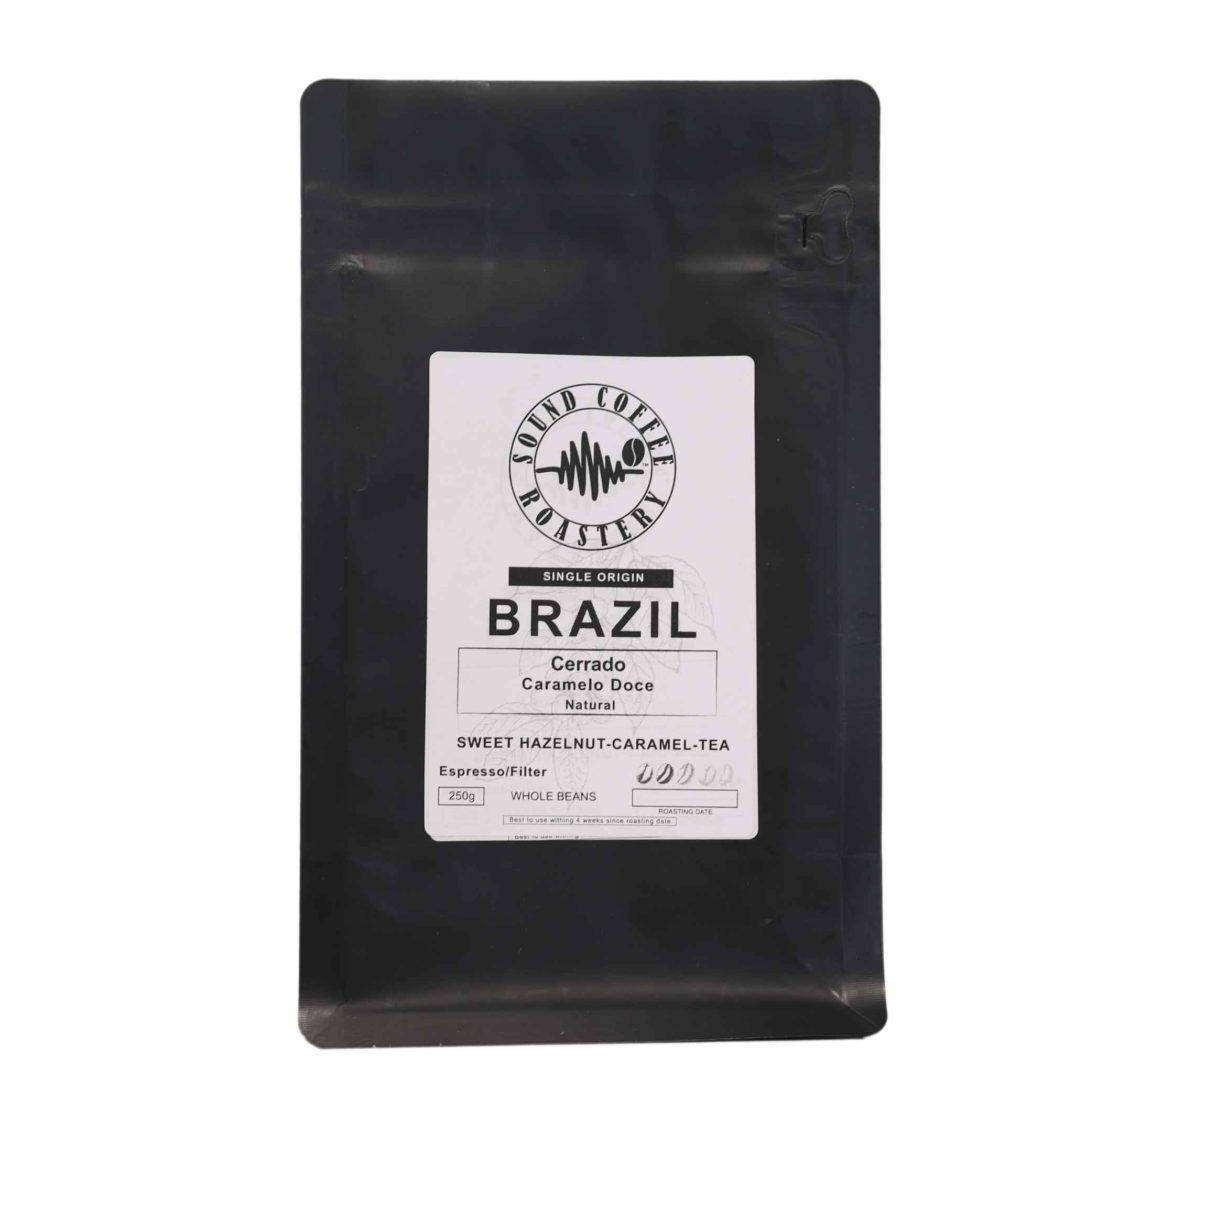 Brazil Caramelo Doce